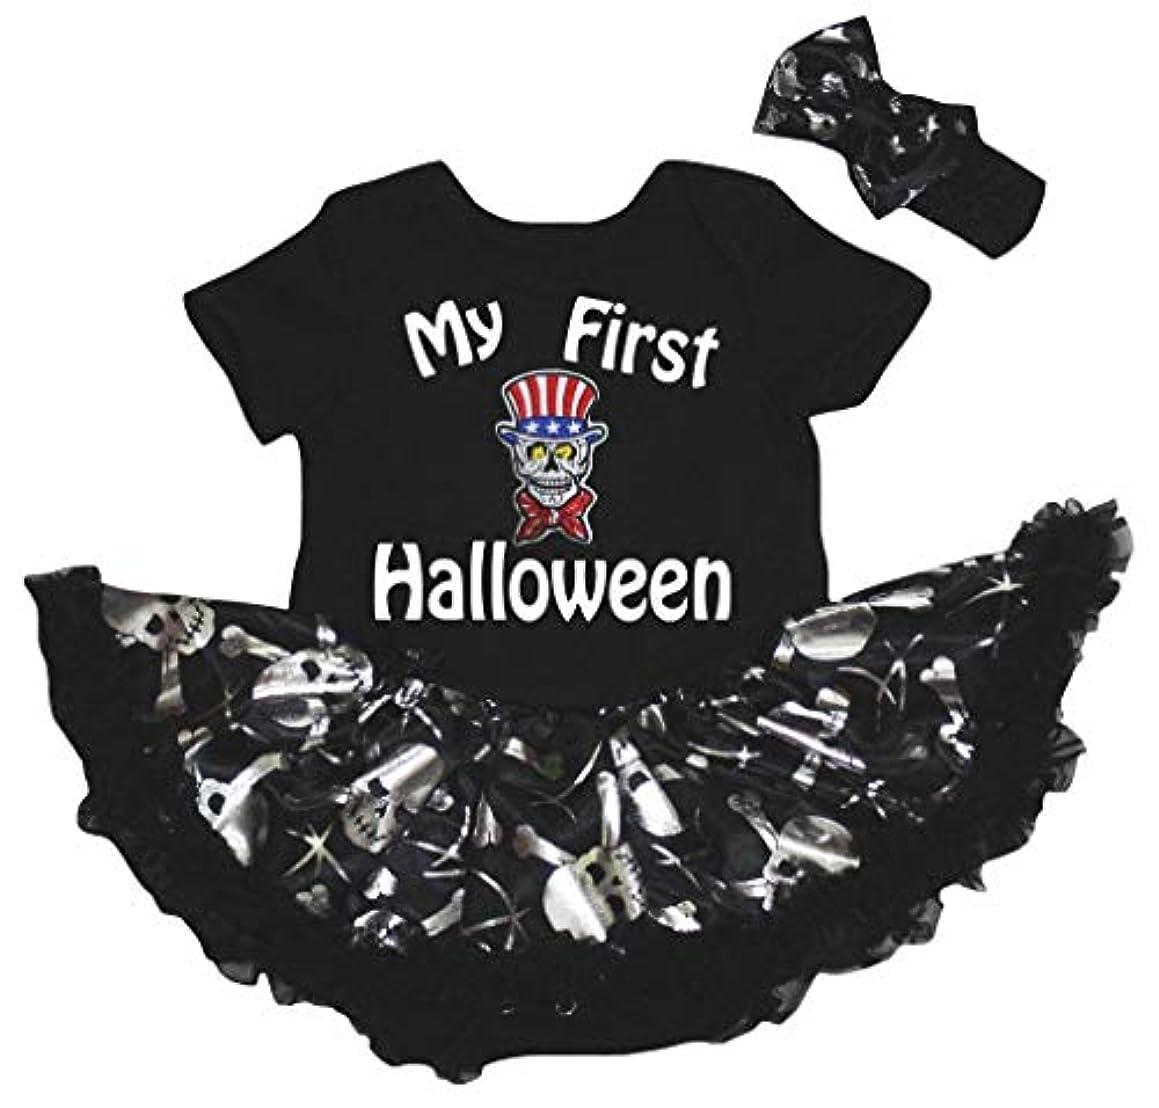 最もがんばり続けるボア[キッズコーナー] ハロウィン My First Halloween シルバースカル 子供ボディスーツ、子供のチュチュ、ベビー服、女の子のワンピースドレス Nb-18m (ブラック, Small) [並行輸入品]